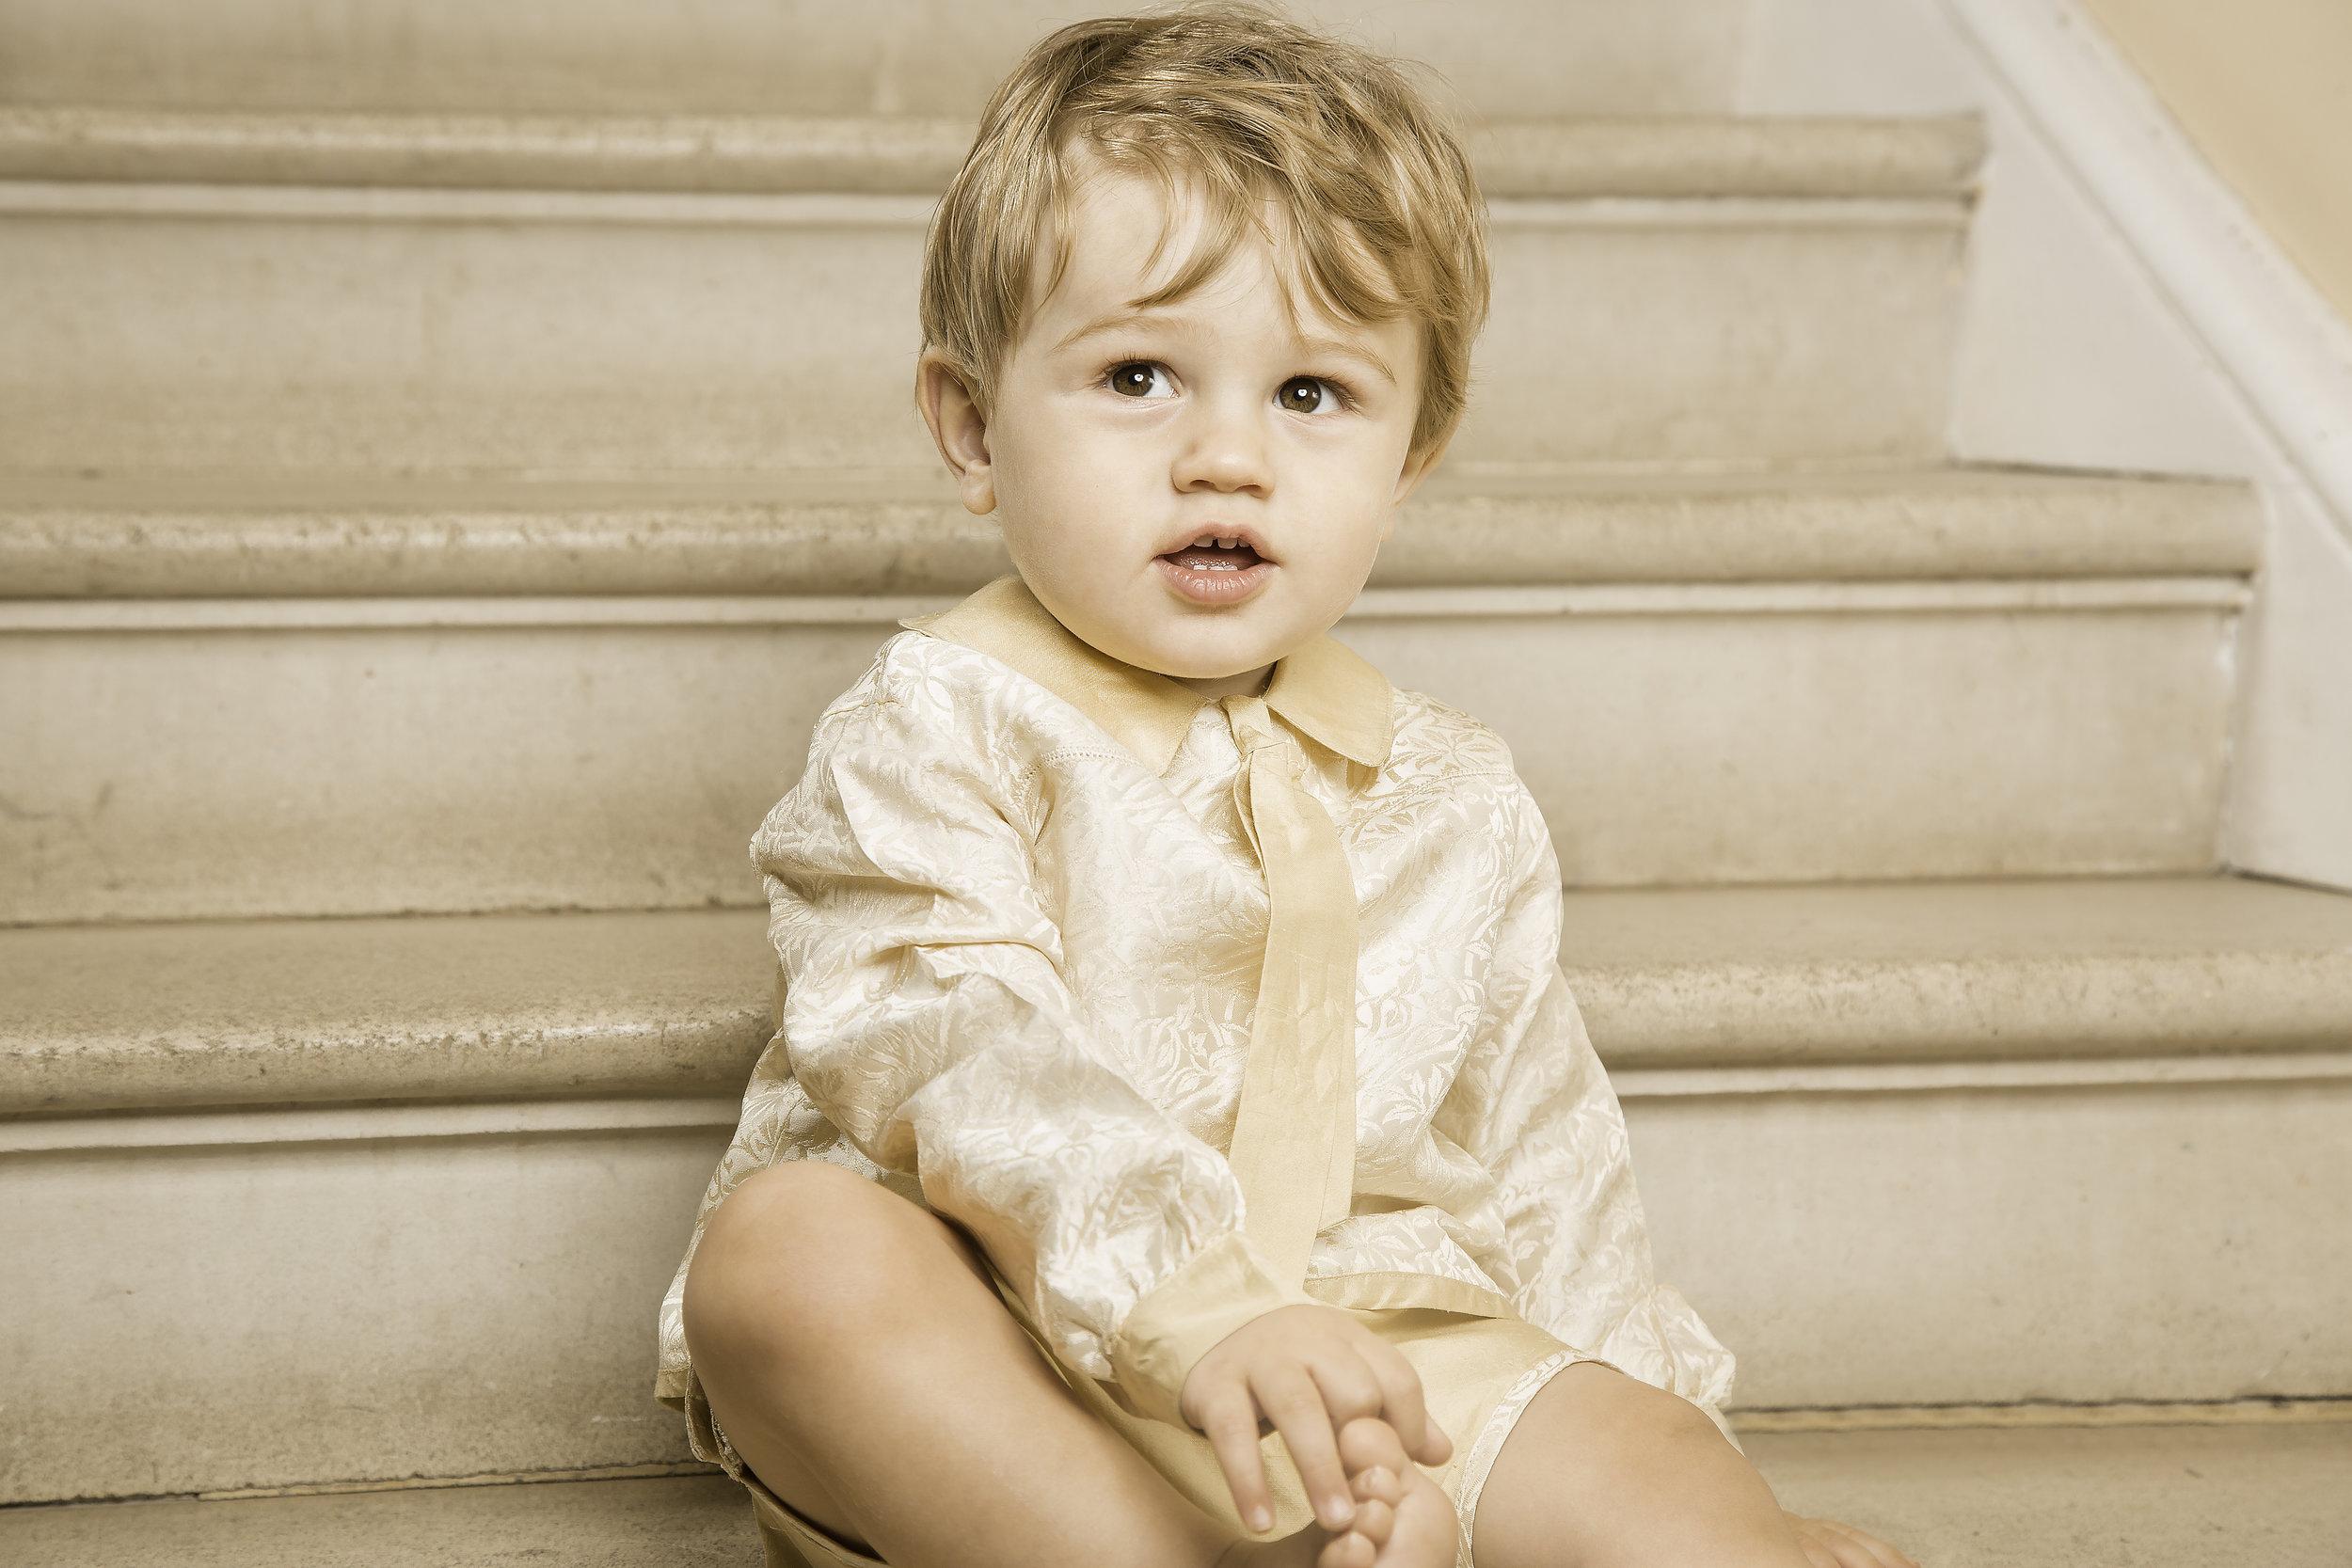 Little Finn looking all dapper